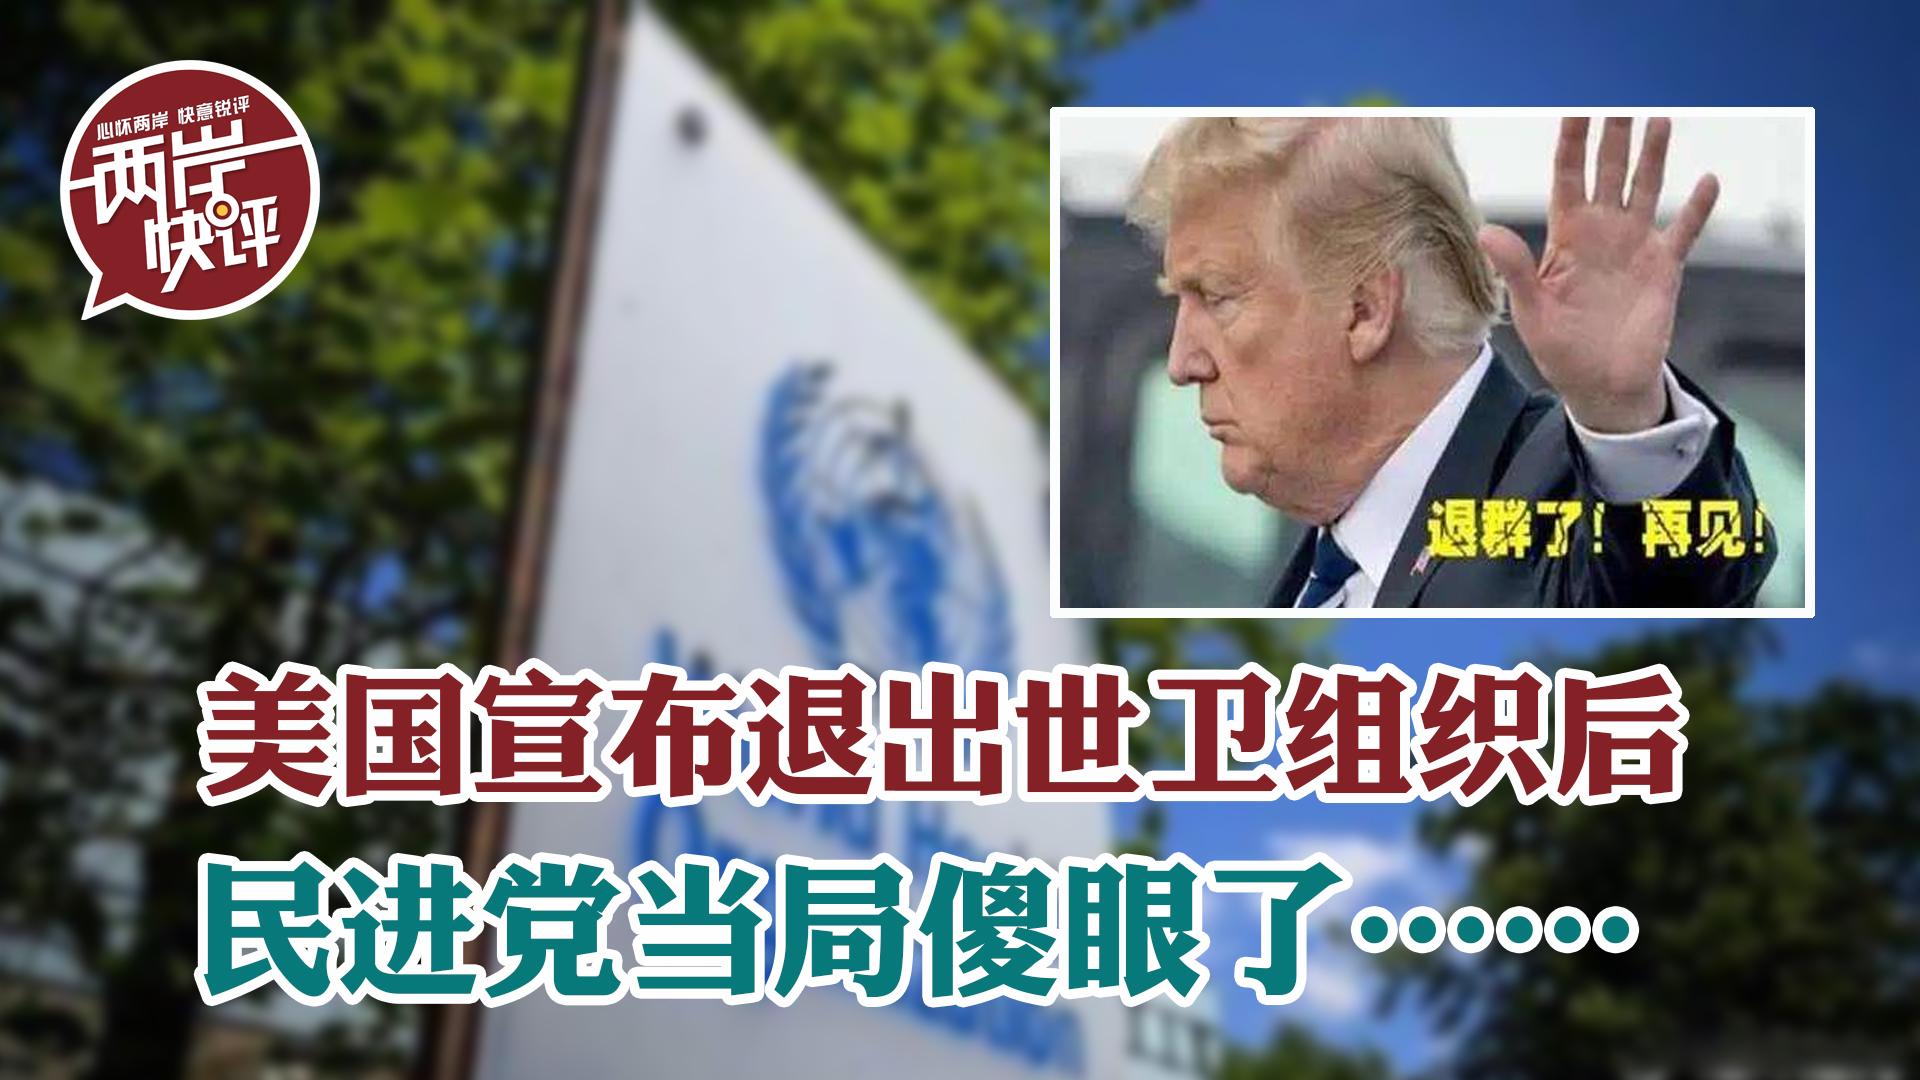 美國宣布退出世衛組織后,臺灣民進黨當局傻眼了圖片